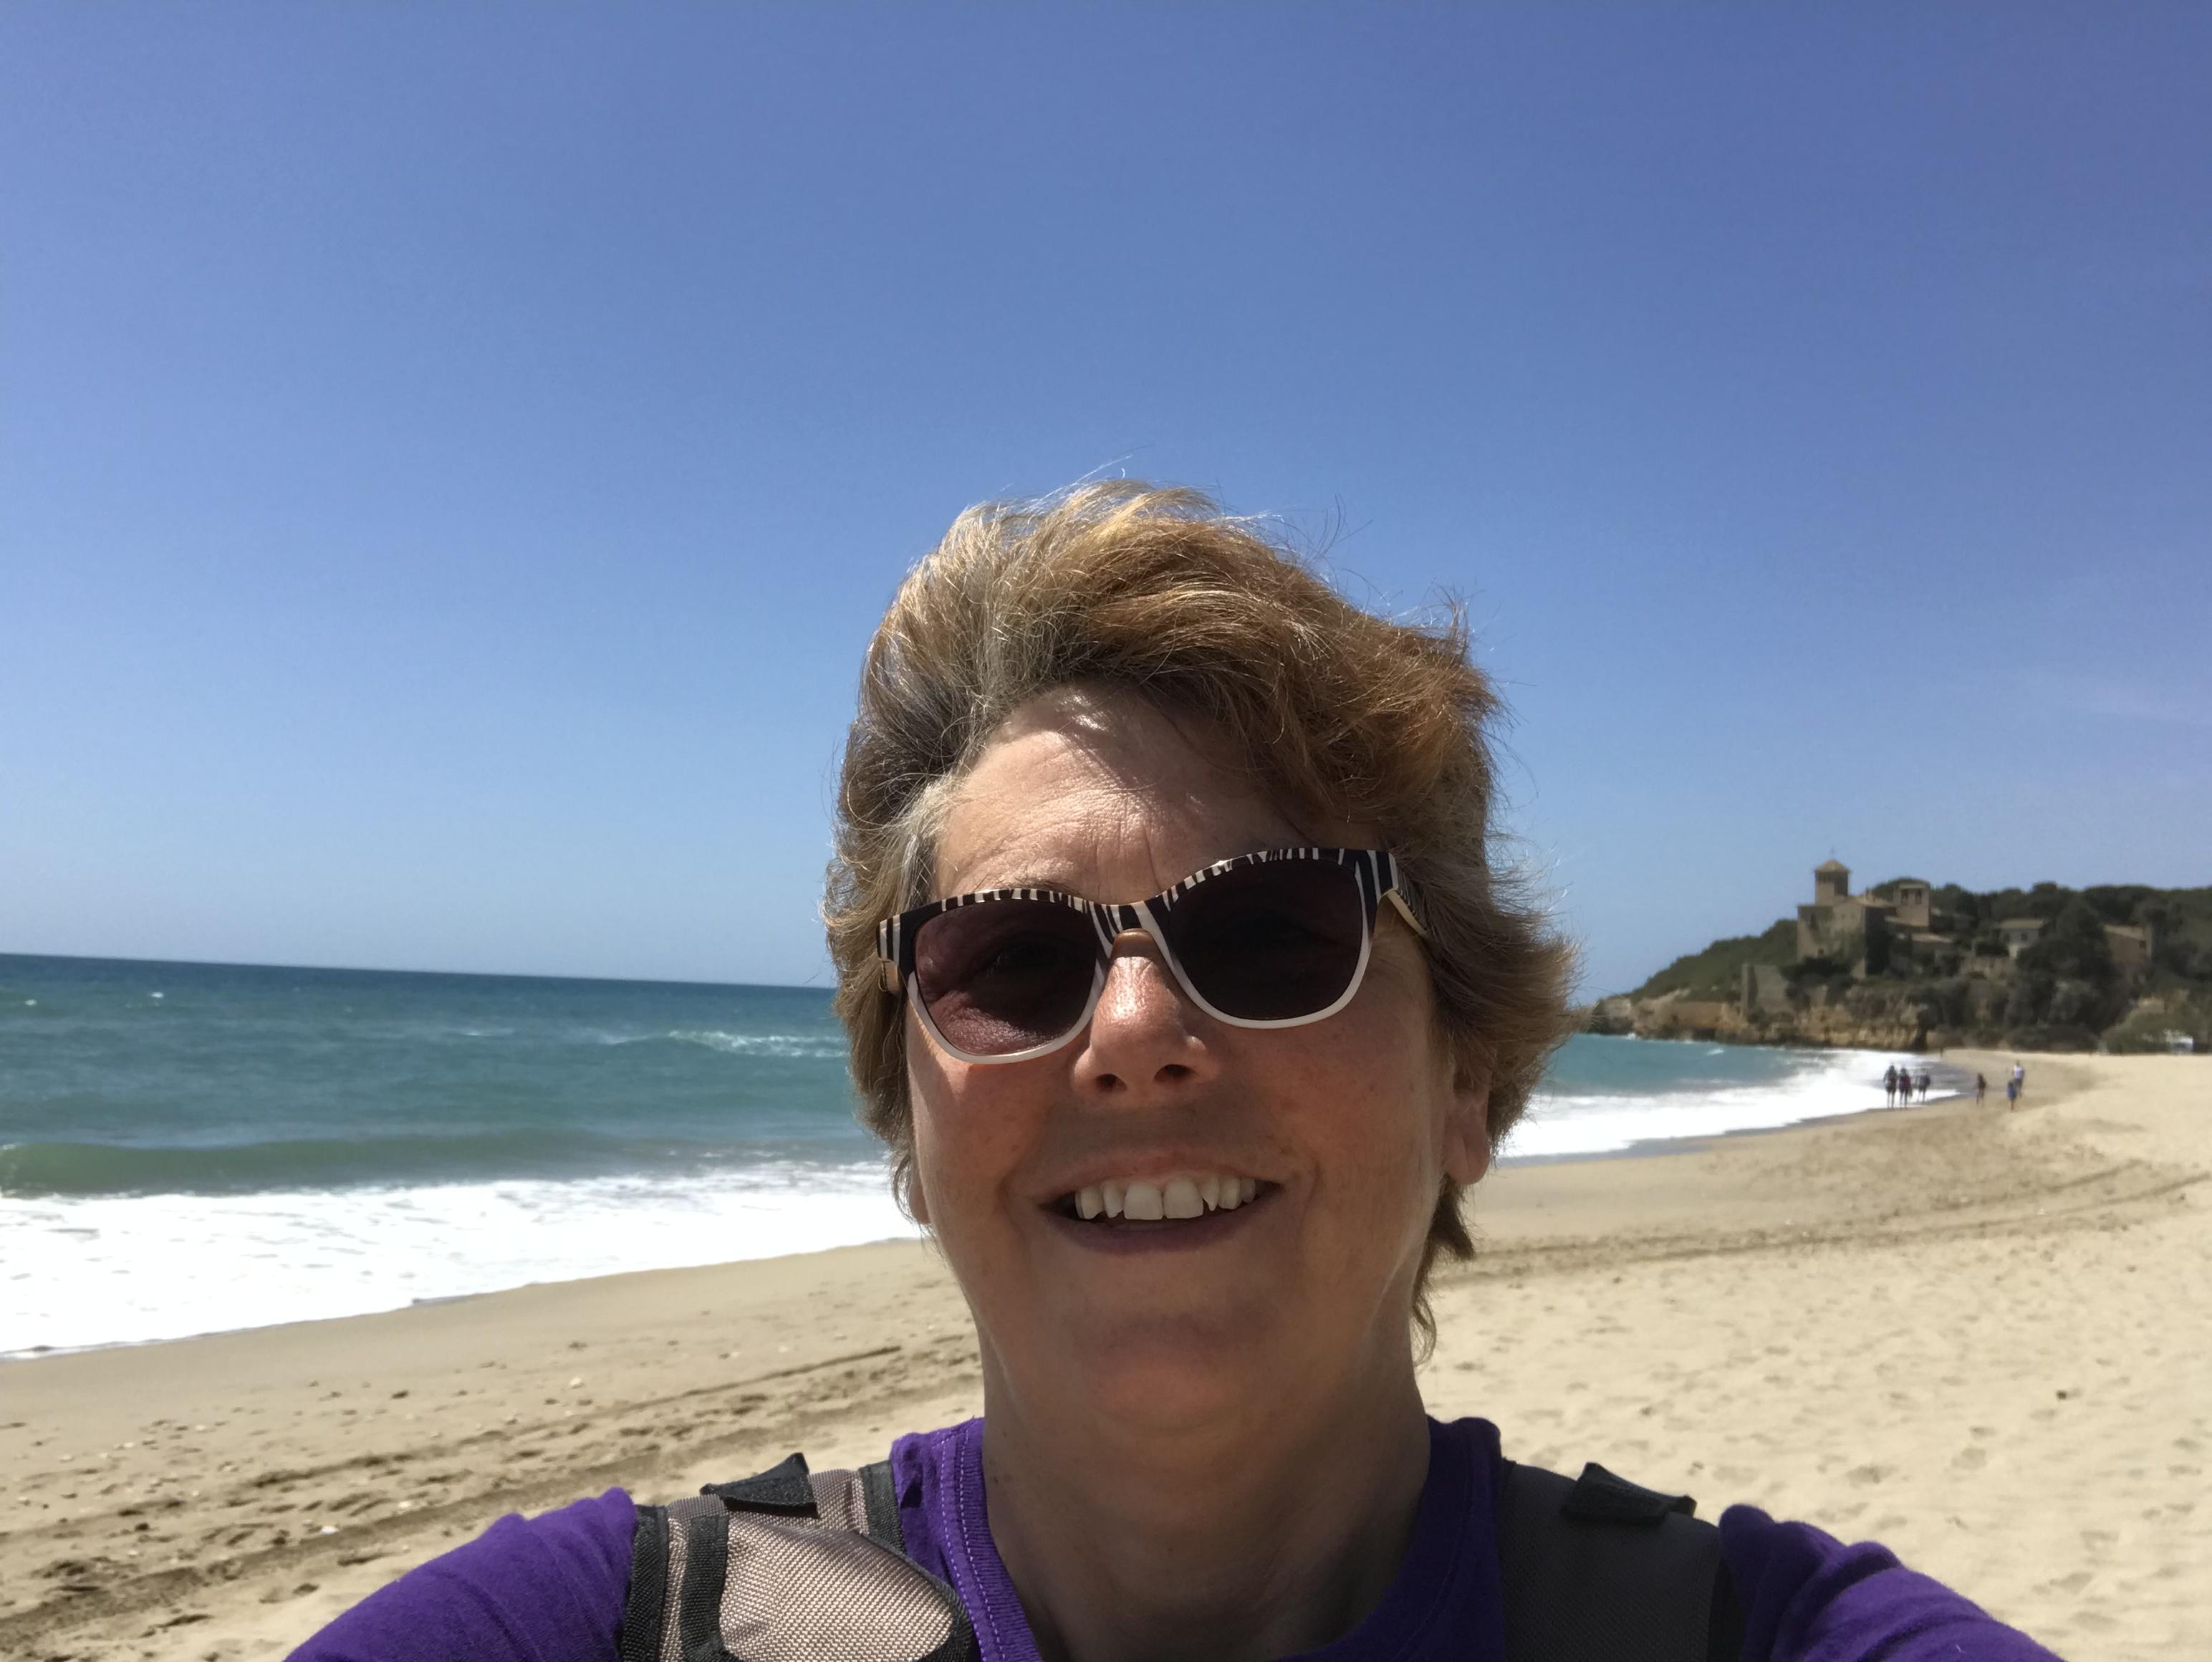 Brote náuseas fibromialgia de de